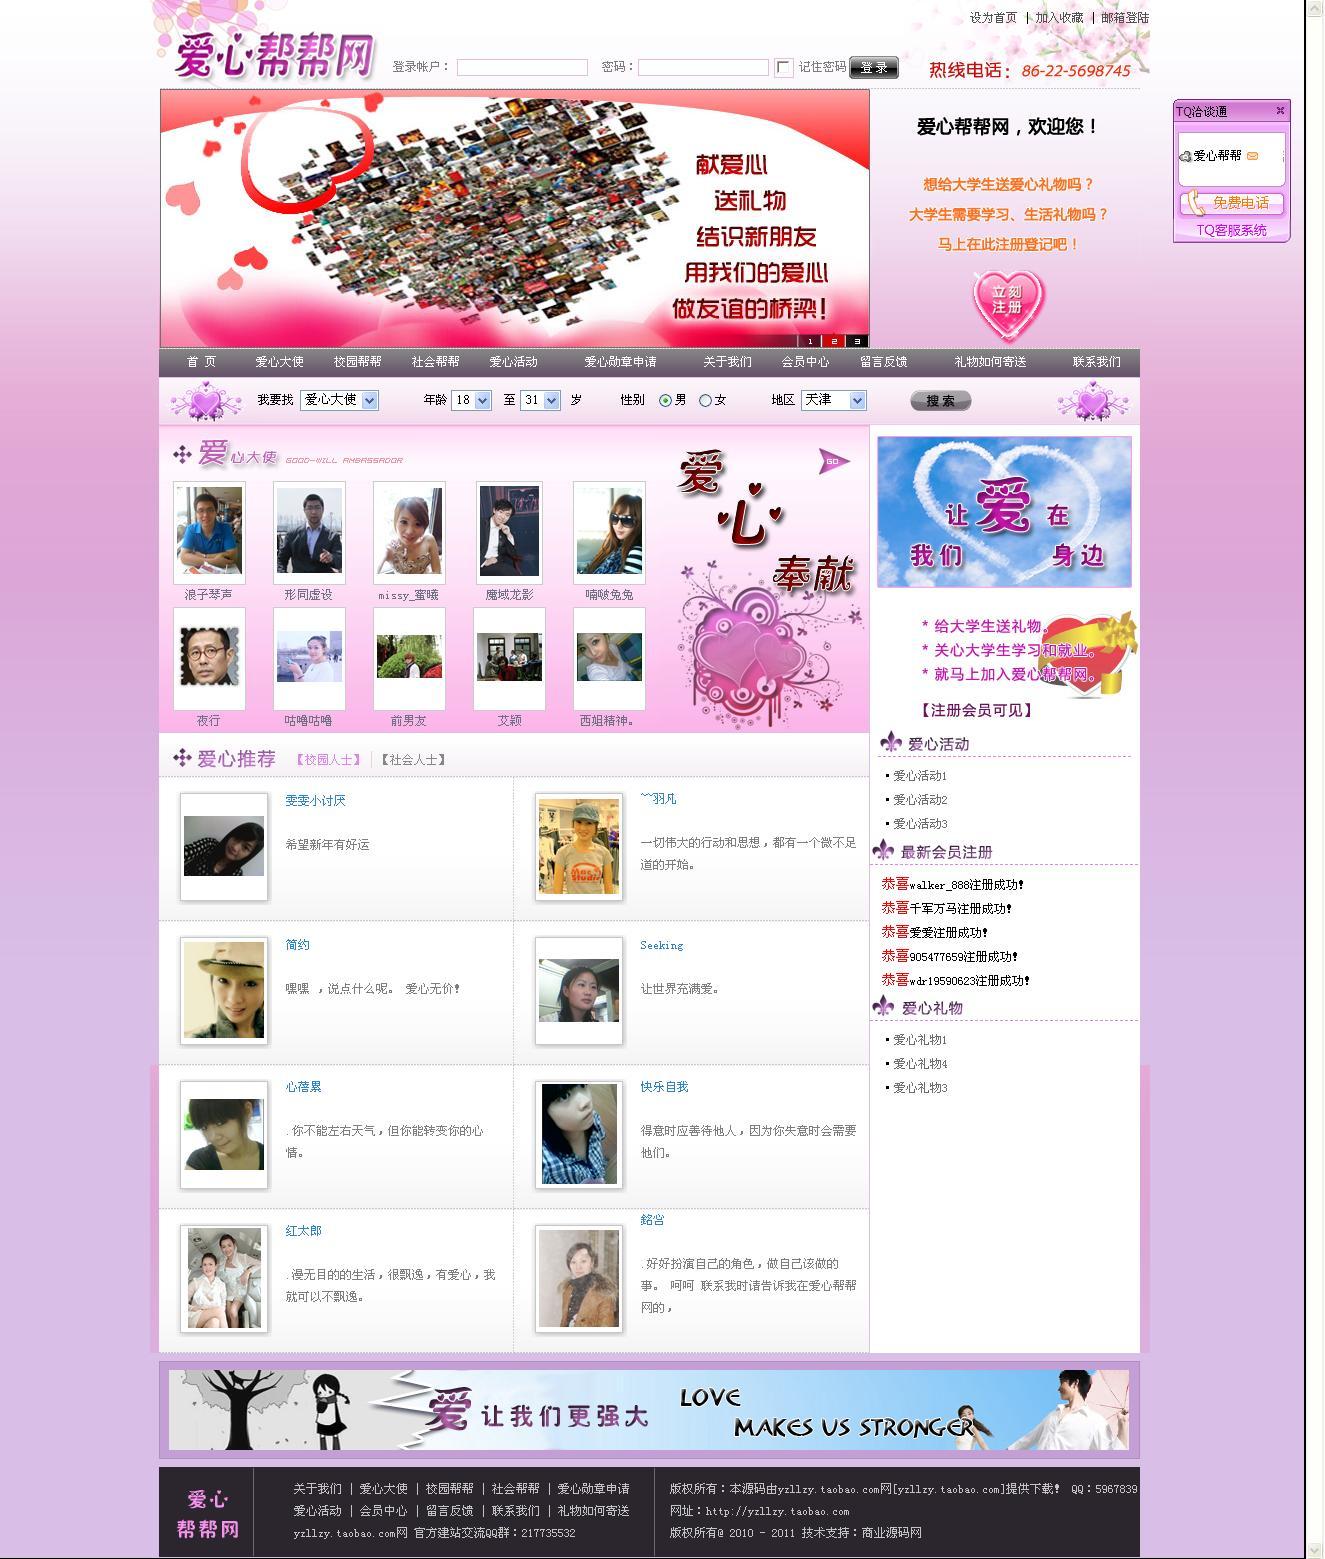 大型征婚交友网站源码大学生交友门户网站源码 价格:19.80